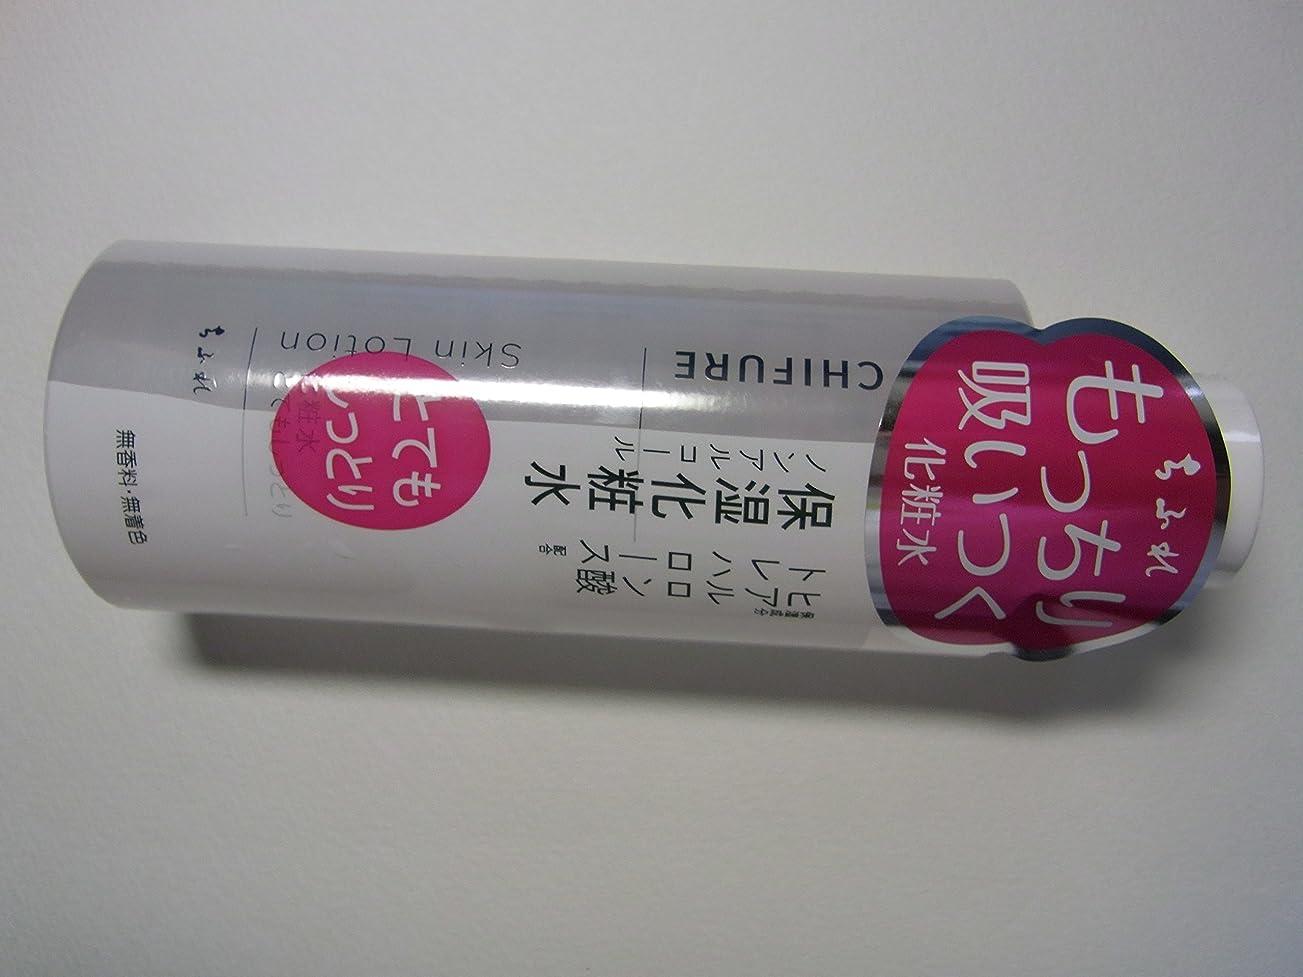 びっくりするビバ引き渡すちふれ化粧品 化粧水 とてもしっとりタイプ 180ML